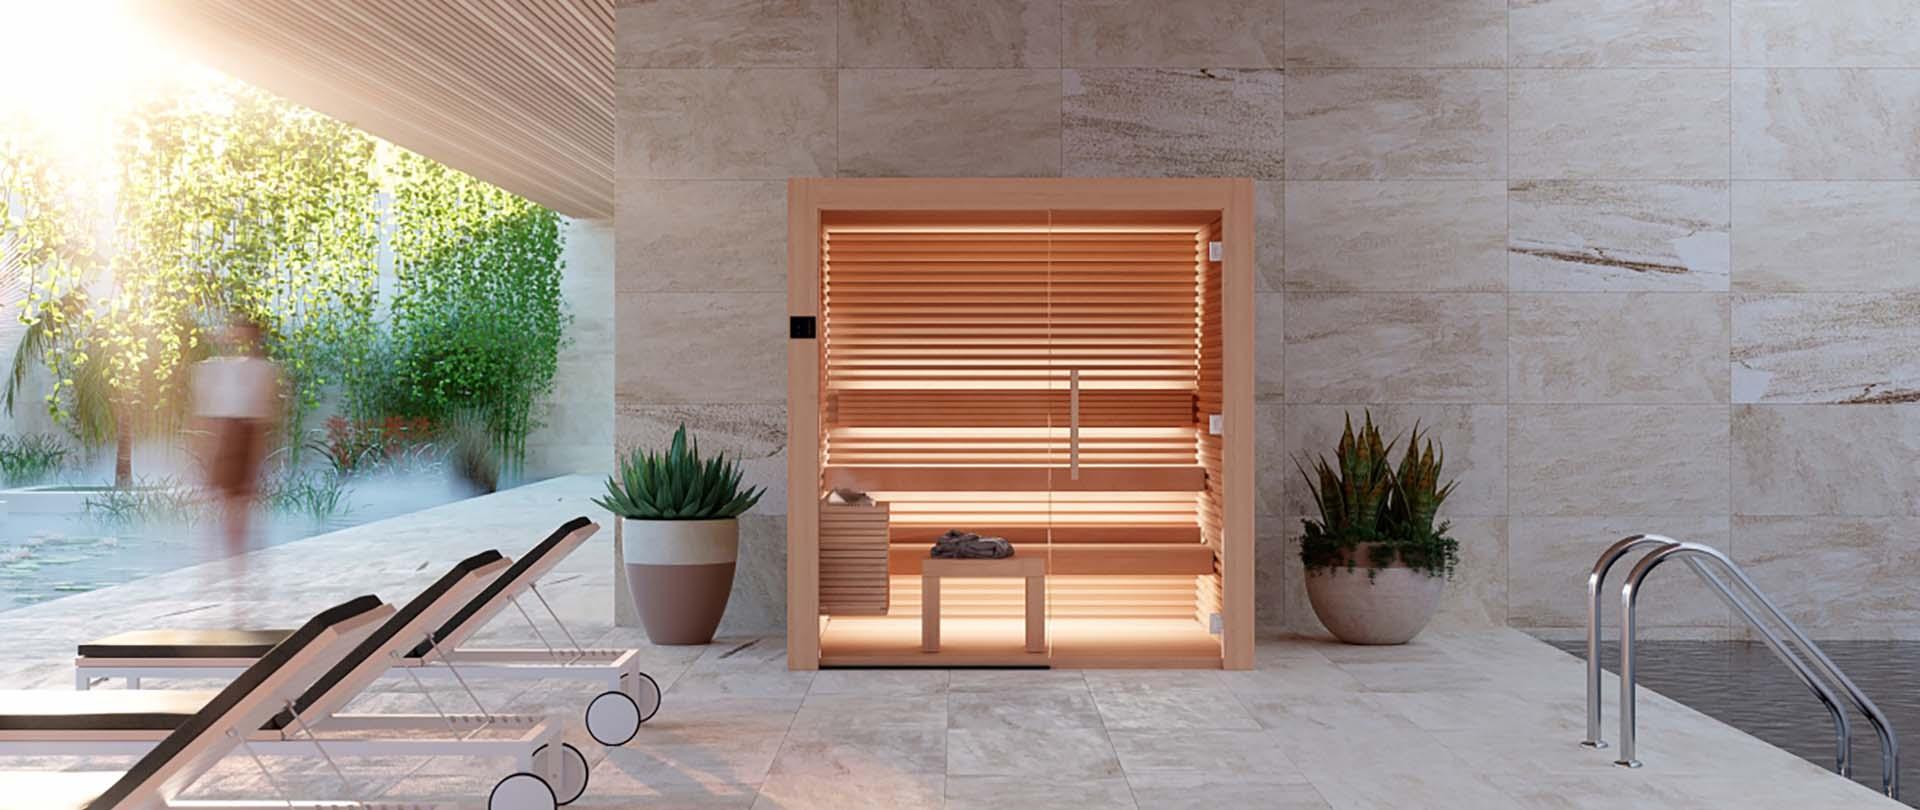 Sauna Interieur Bois Design Nativa Auroom Annecy